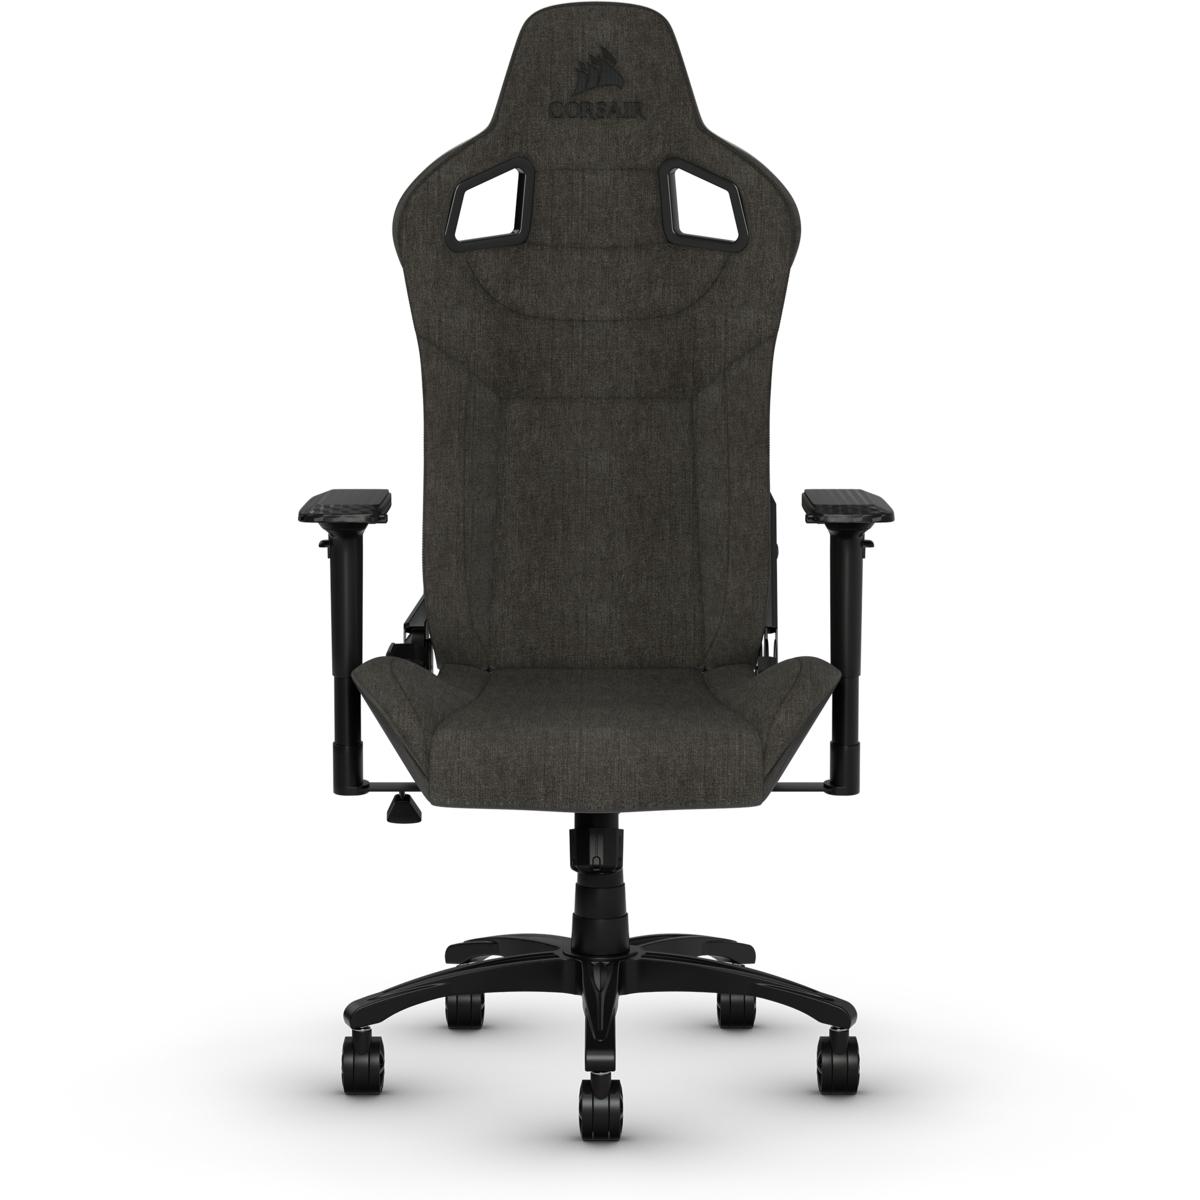 Corsair T3 RUSH - PC-Gamingstuhl - Universal - 120 kg - Gepolsterter Sitz - Harte Rückenlehne - Nylon